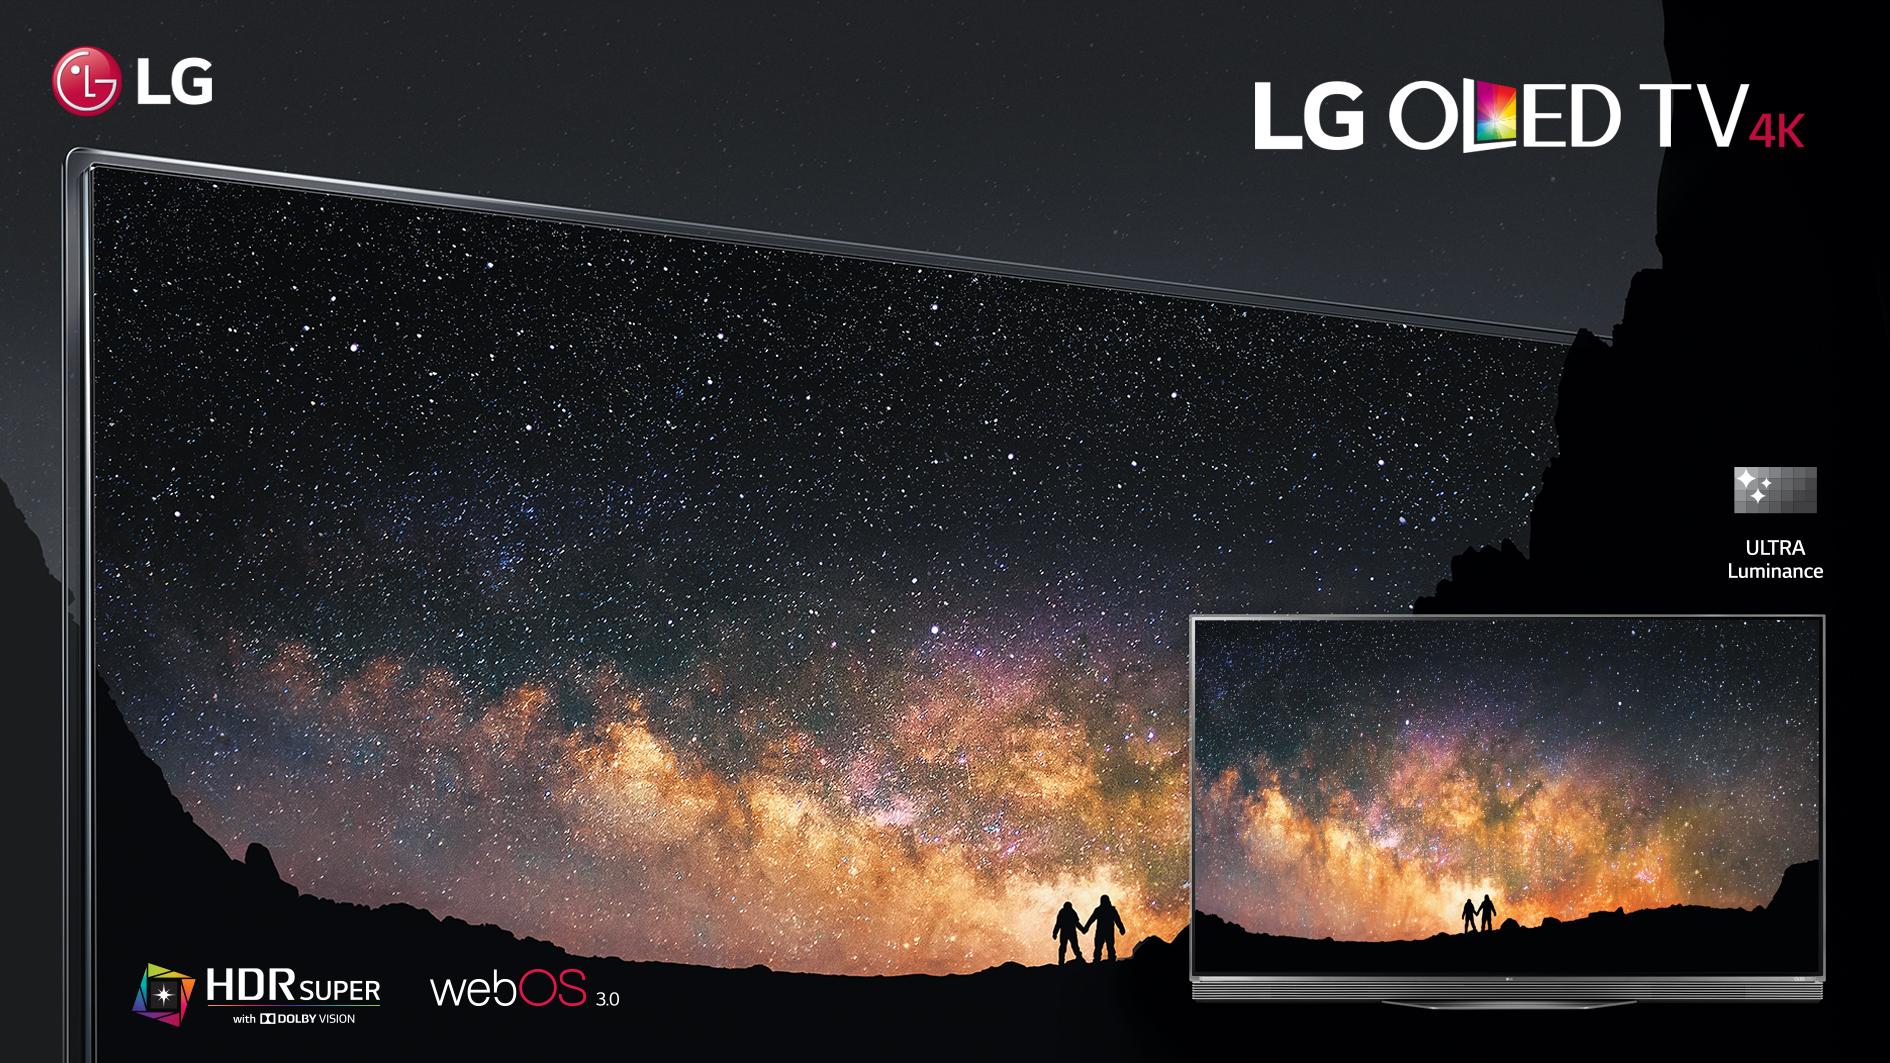 09 LG OLED TV